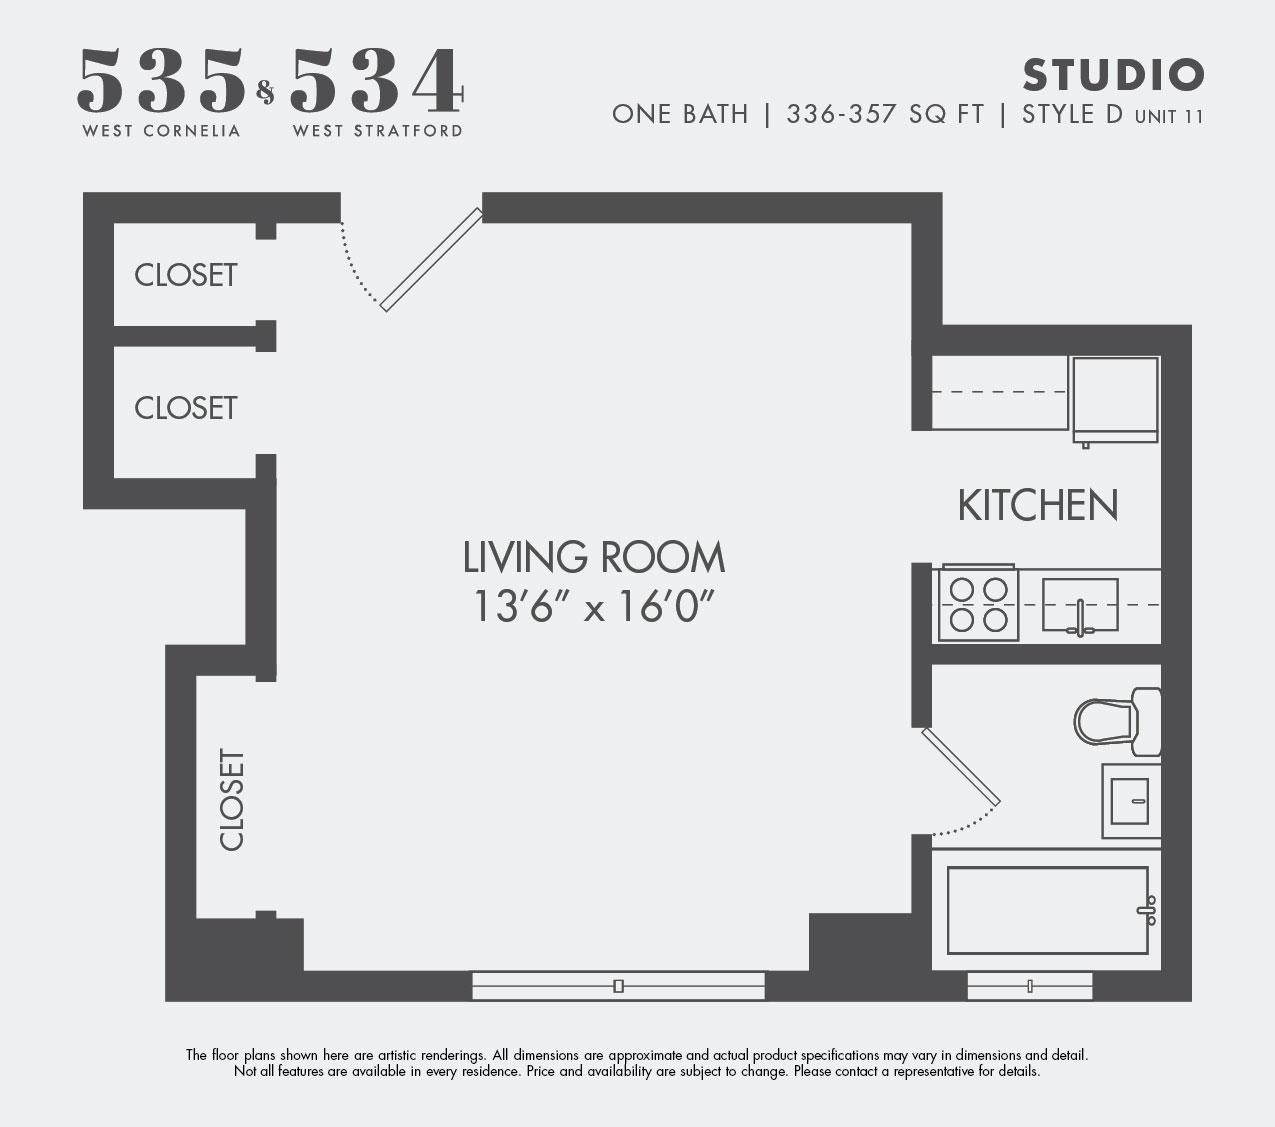 Studio - Style D